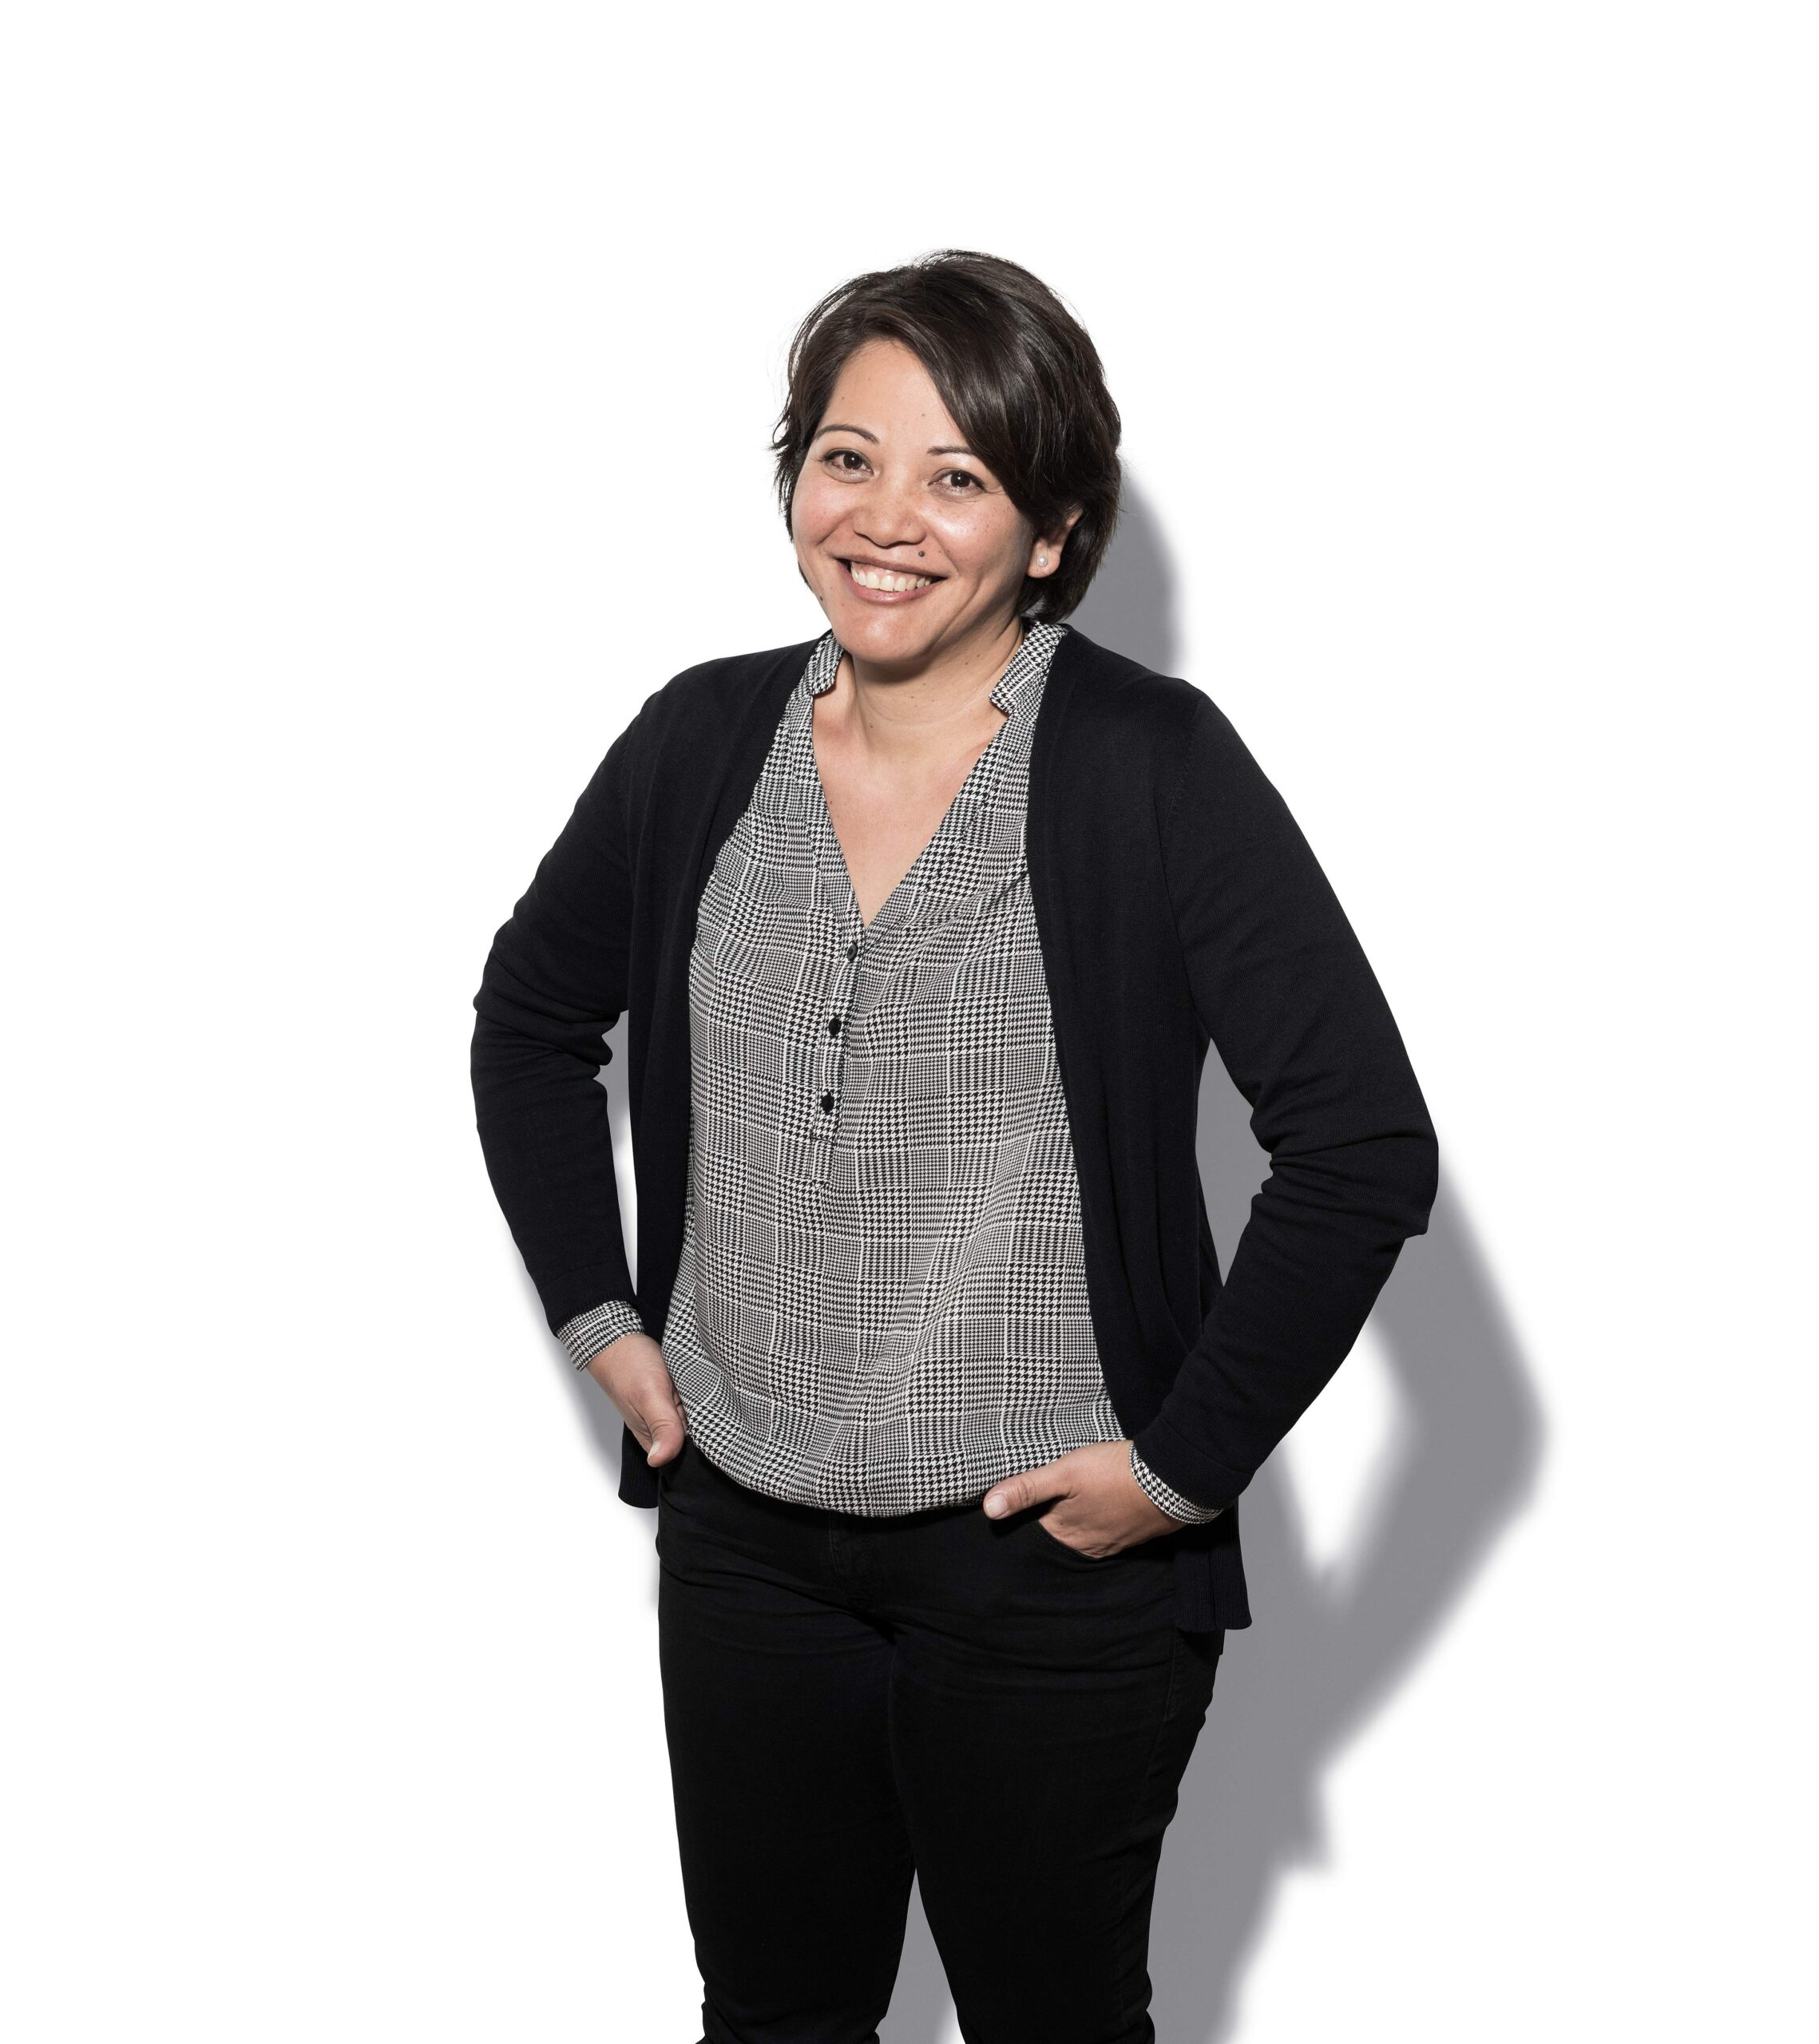 Nerissa Sieber